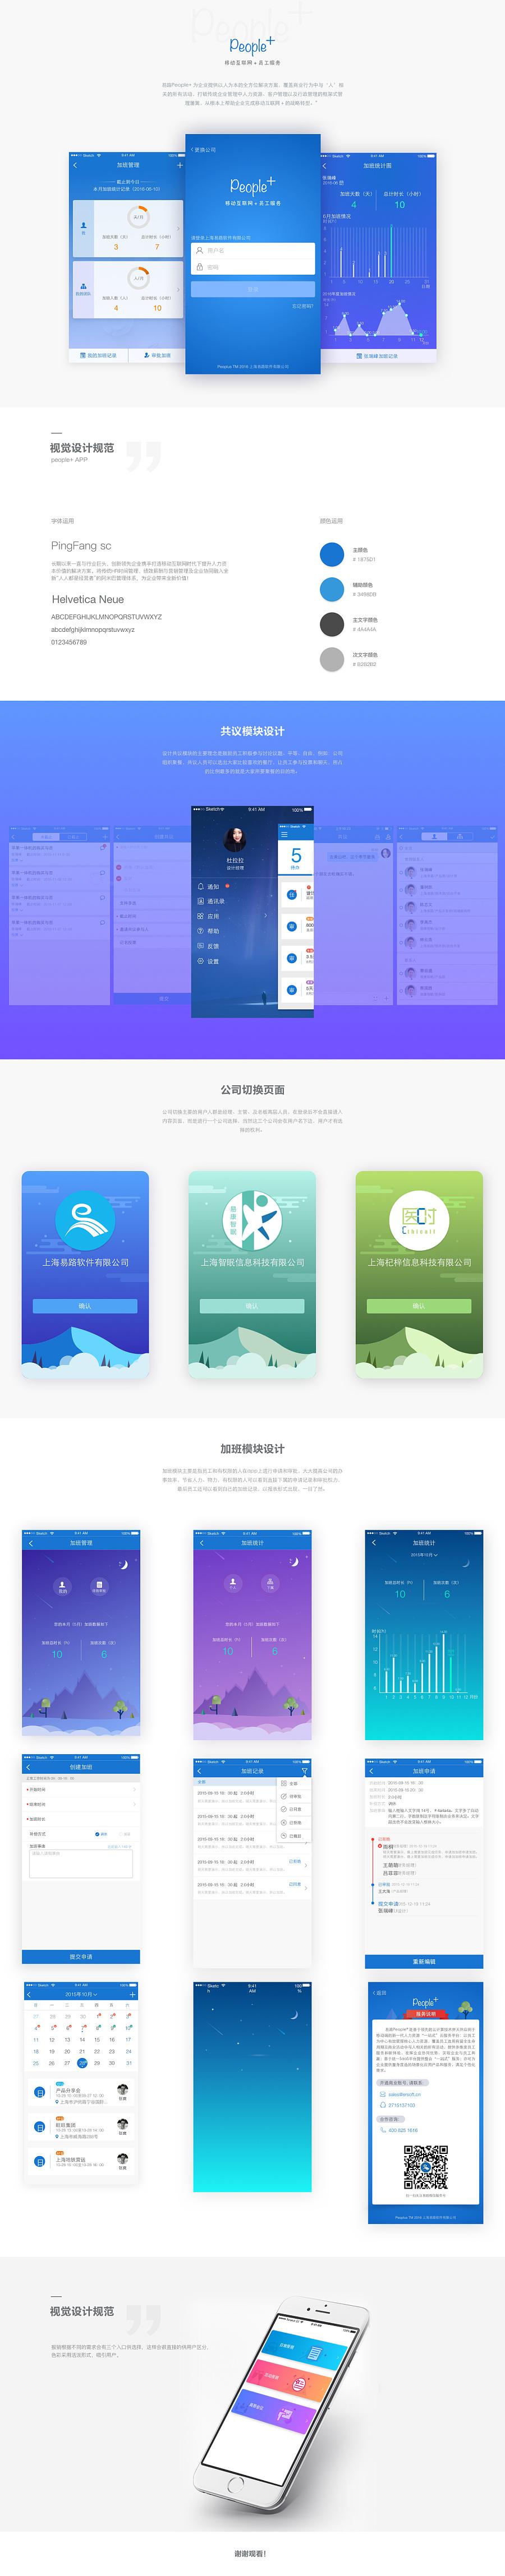 查看《People+ 的网站和APP UI 界面设计 》原图,原图尺寸:1400x7147